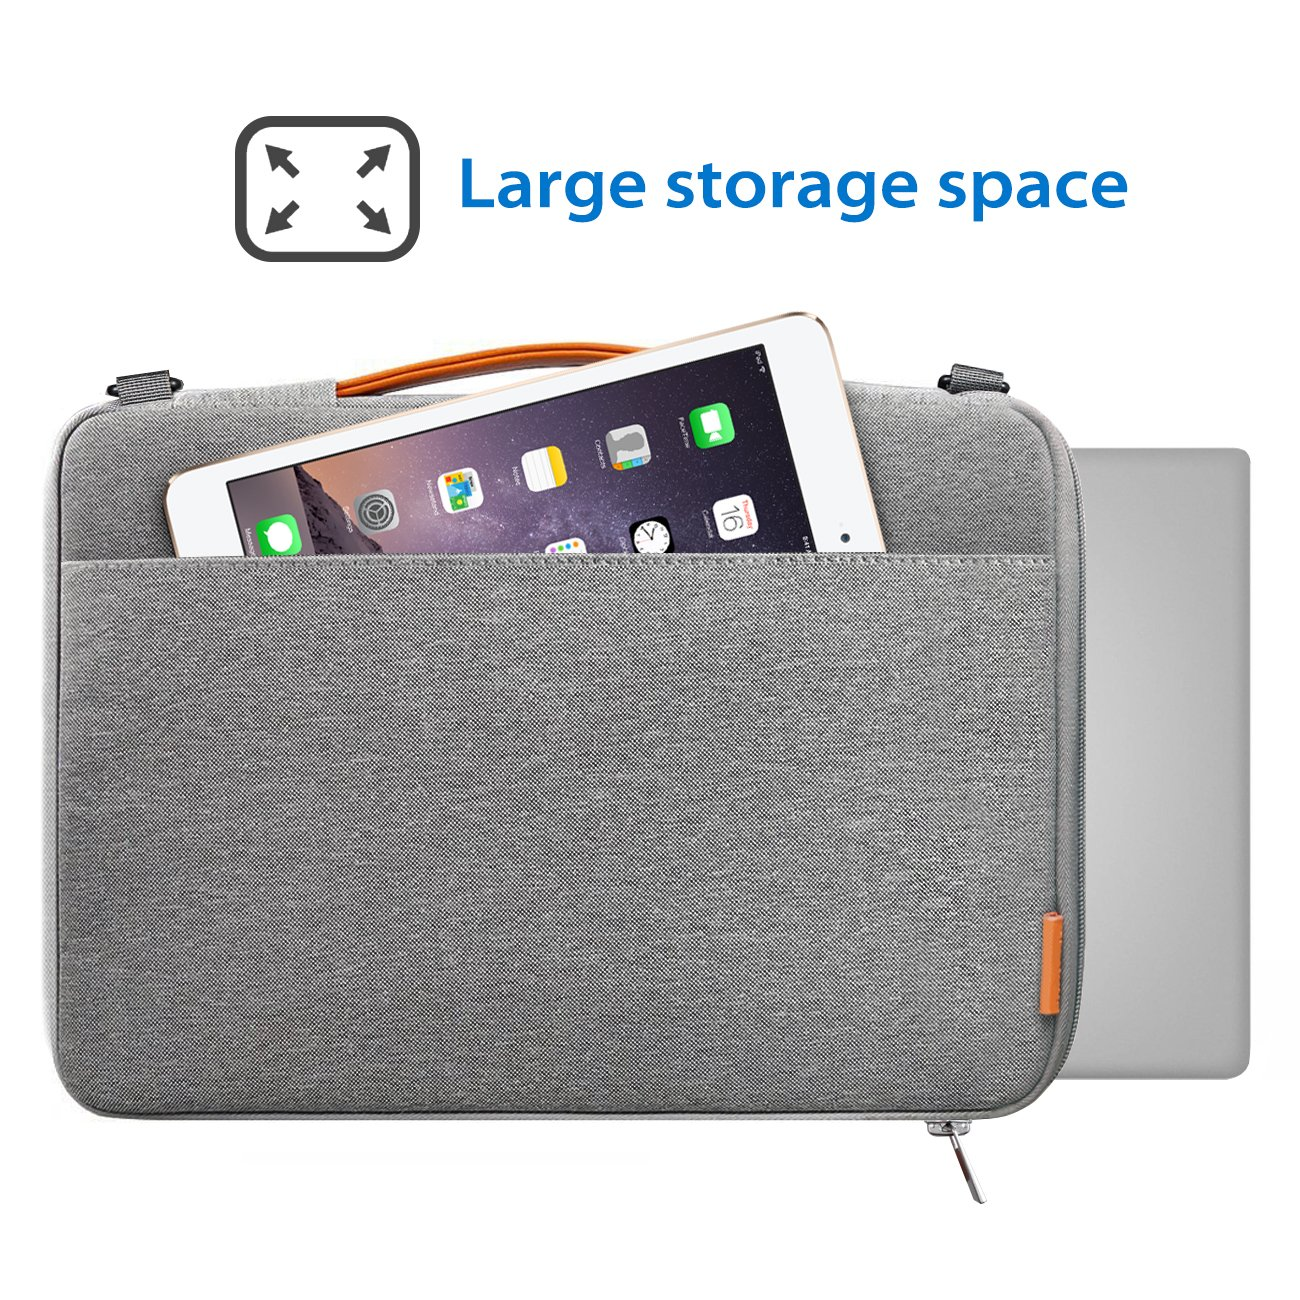 Inateck Bolso Bandolera para Ordenador Portátil de 15-15,6 Pulgadas, Laptop Sleeve Resistente a los Derrames para Portátil,Notebook, Ultrabook de 15 ...